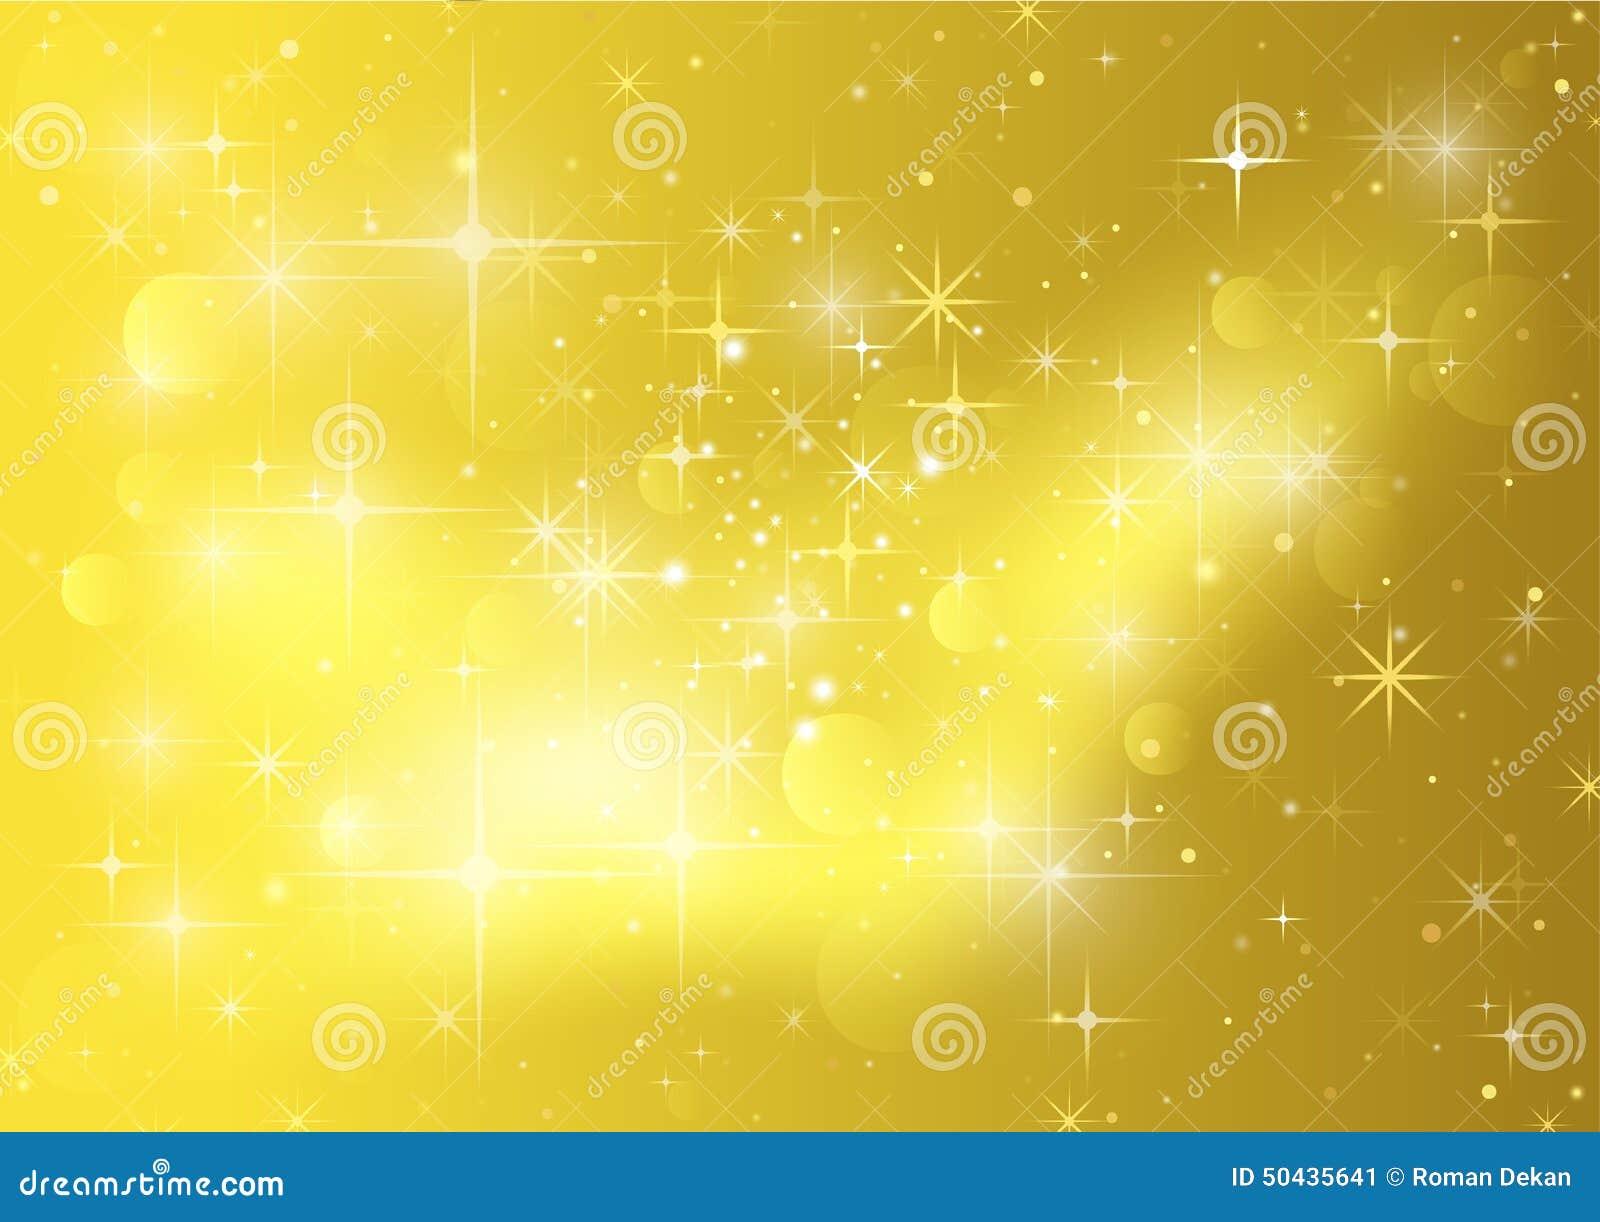 Dekan Gold